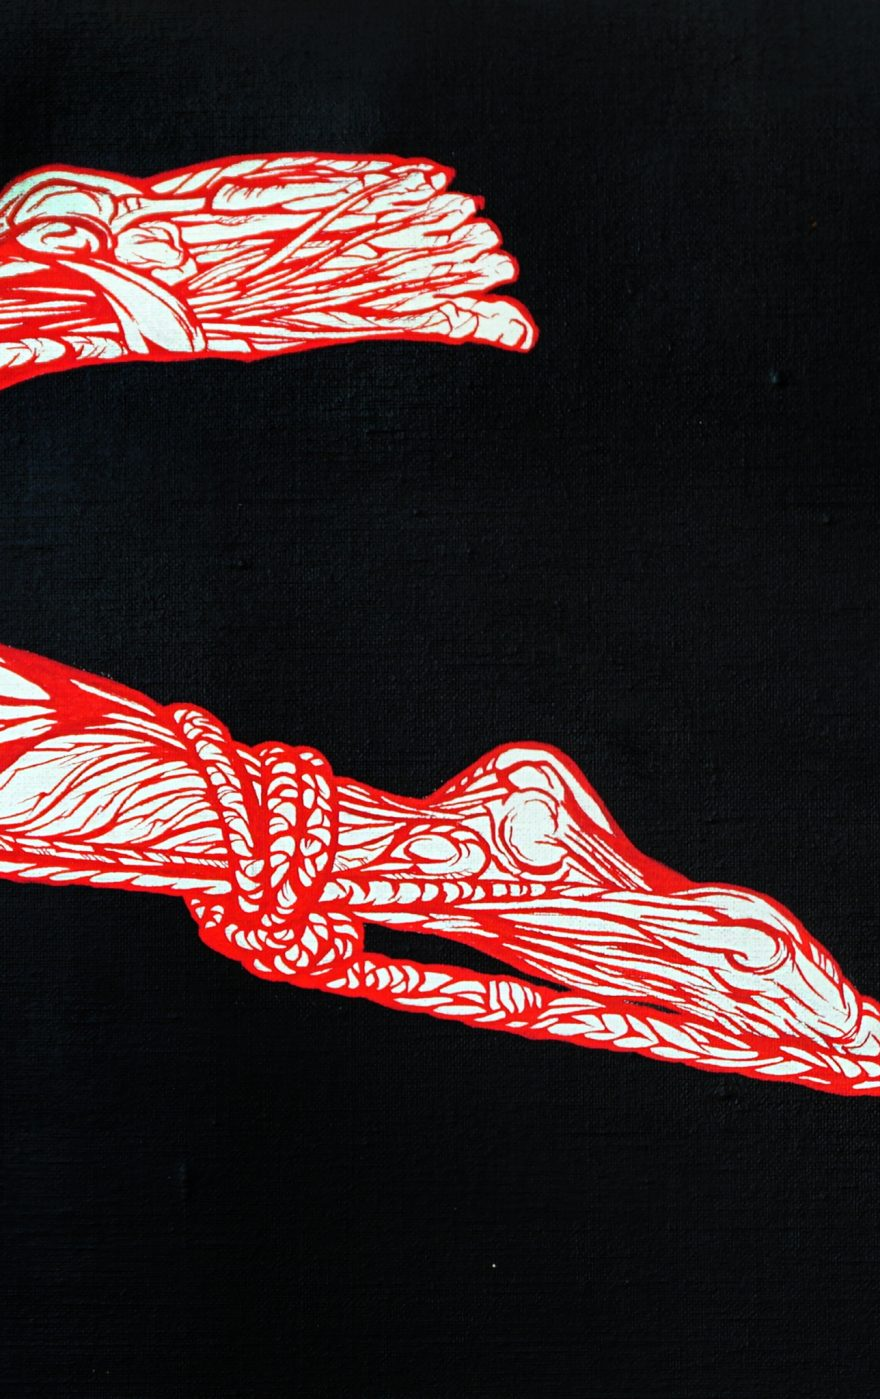 l'aiglon-anatomie du fatum détail-anatomie pied jambes-écorchées-corde shibari le-rouge-dans-le-noir-art peinture acrylique dessin-par Marie-Catherine Arrighi